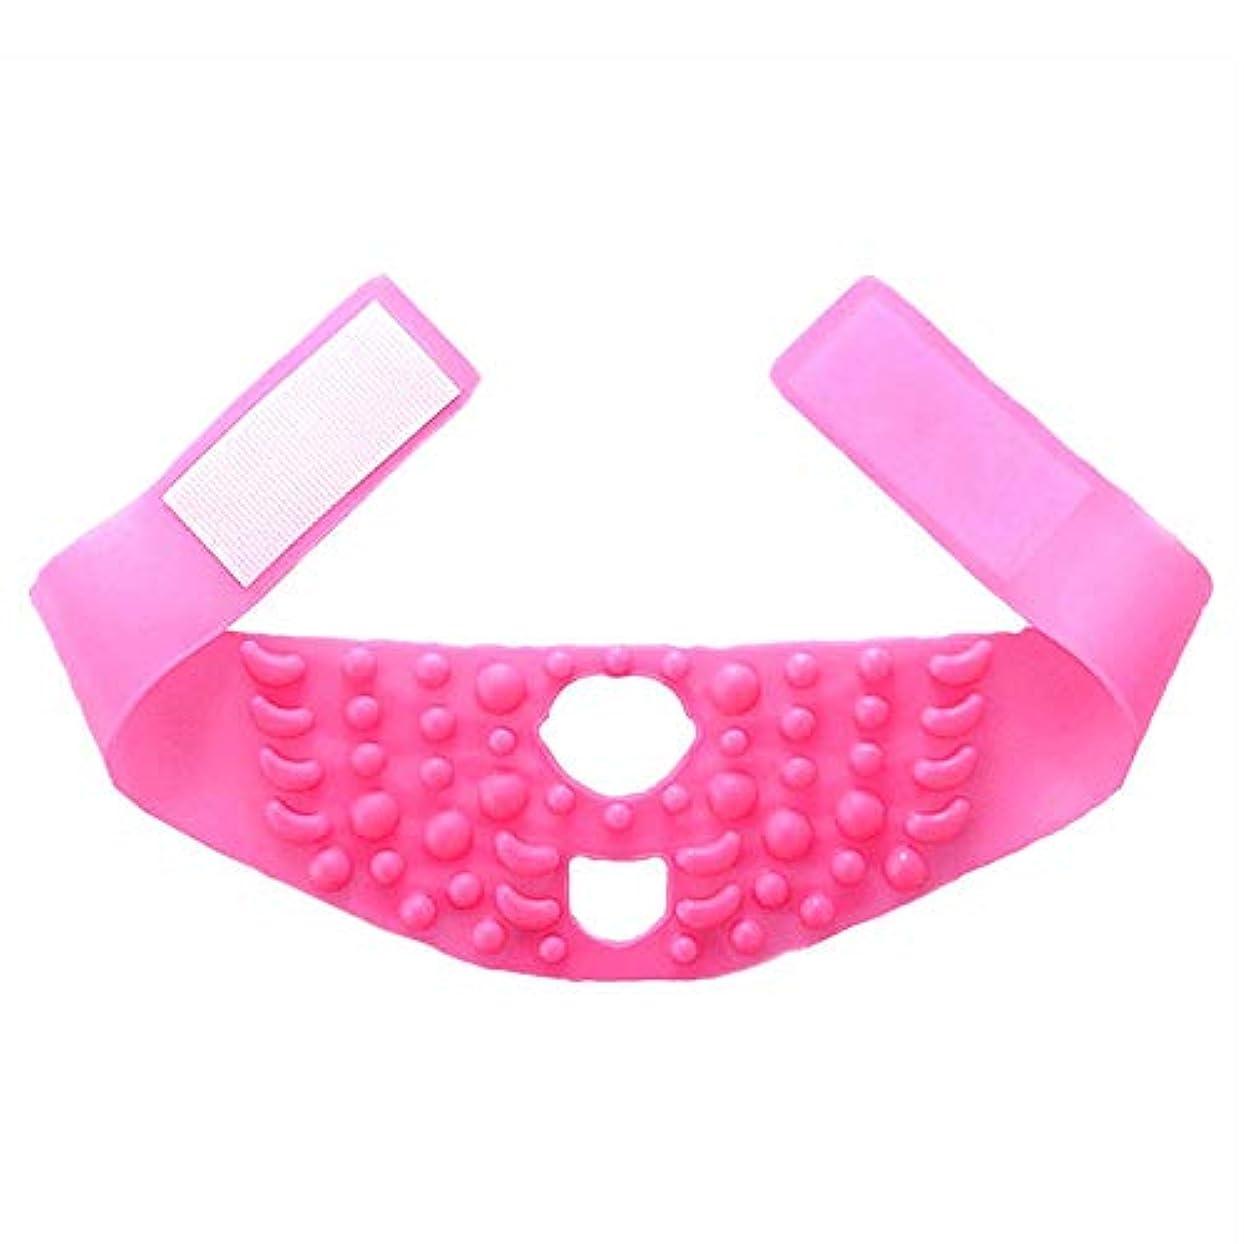 マトロン余計なホラーMinmin シンフェイスマスクシリコーンマッサージ引き締まった形の小さなVフェイスリフティングに薄いフェイスアーティファクト包帯を飾る - ピンク みんみんVラインフェイスマスク